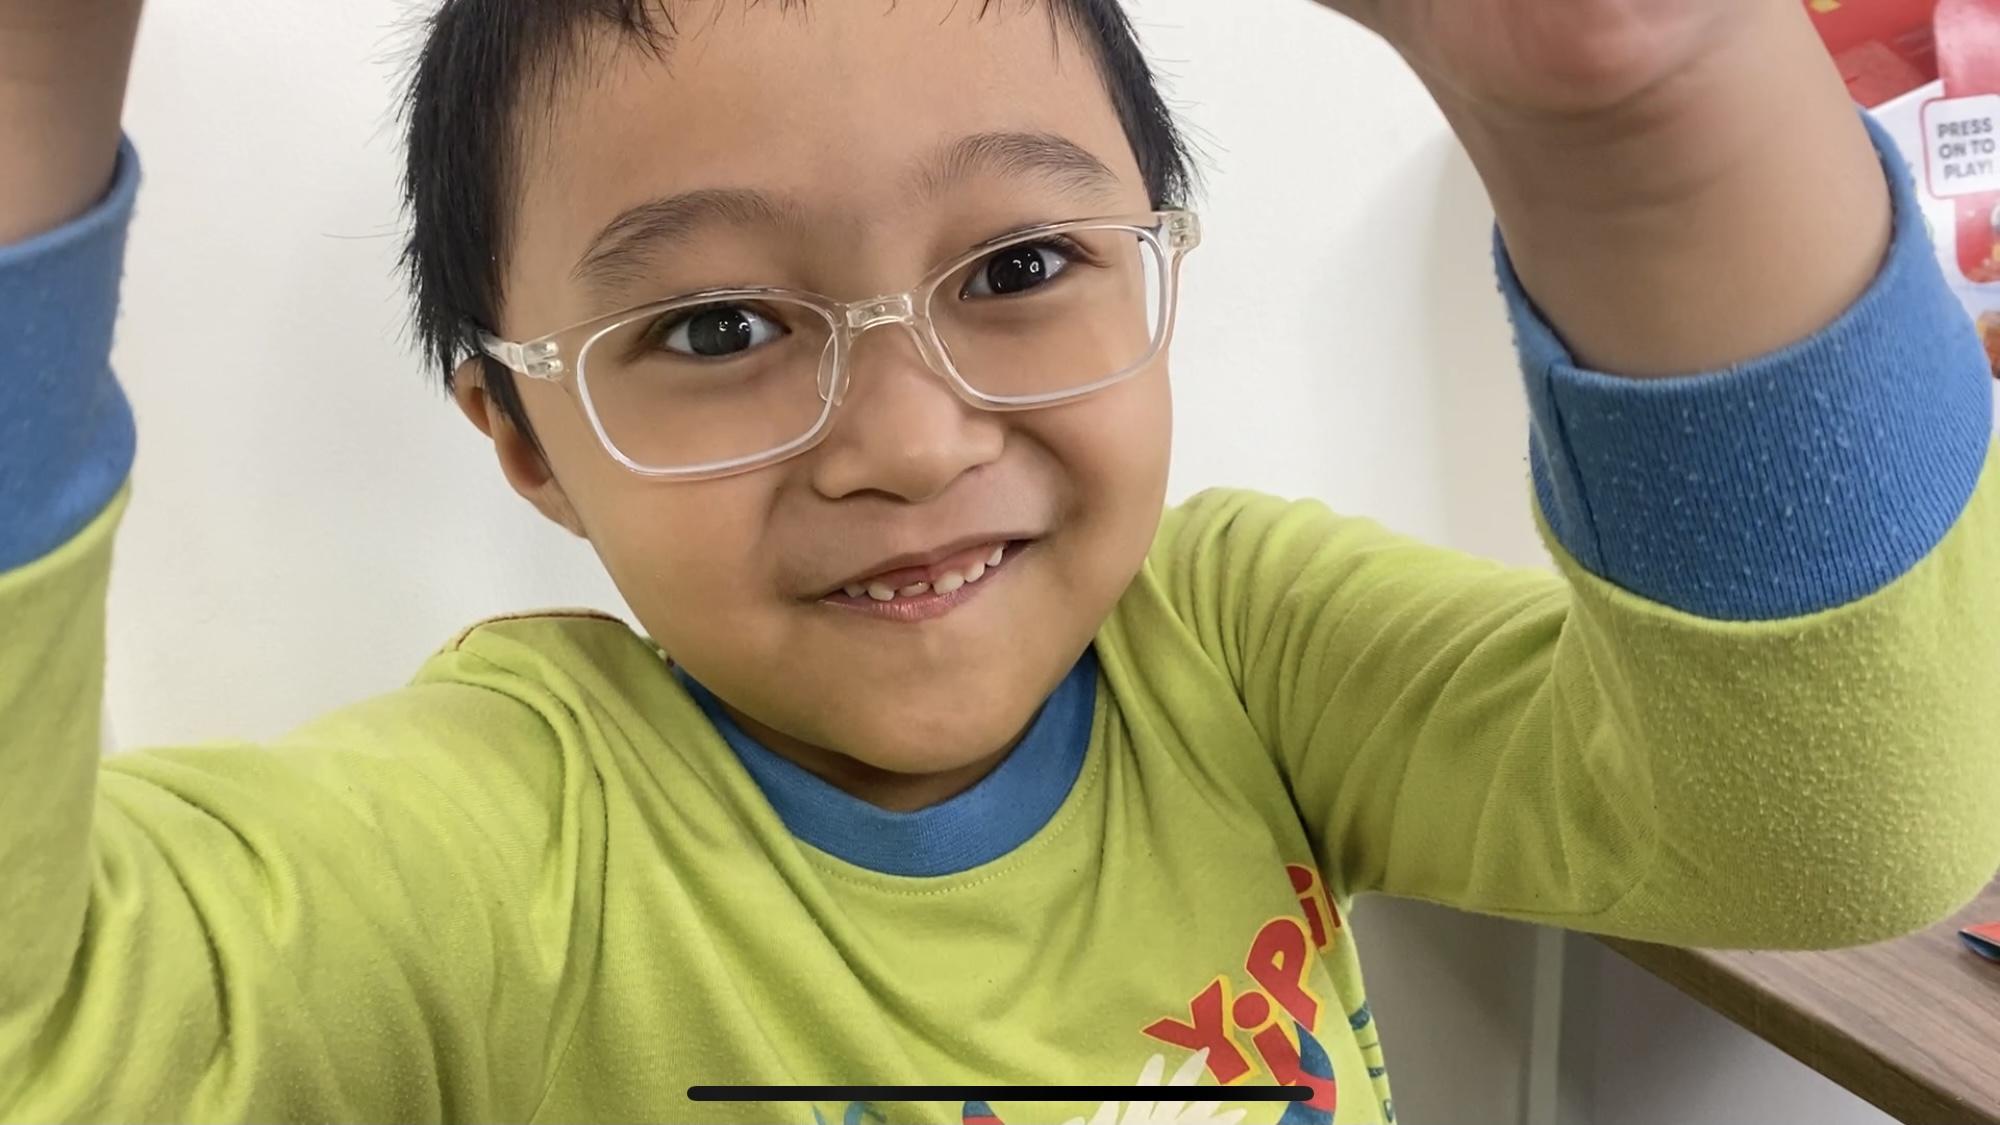 pengalaman ke dokter mata anak